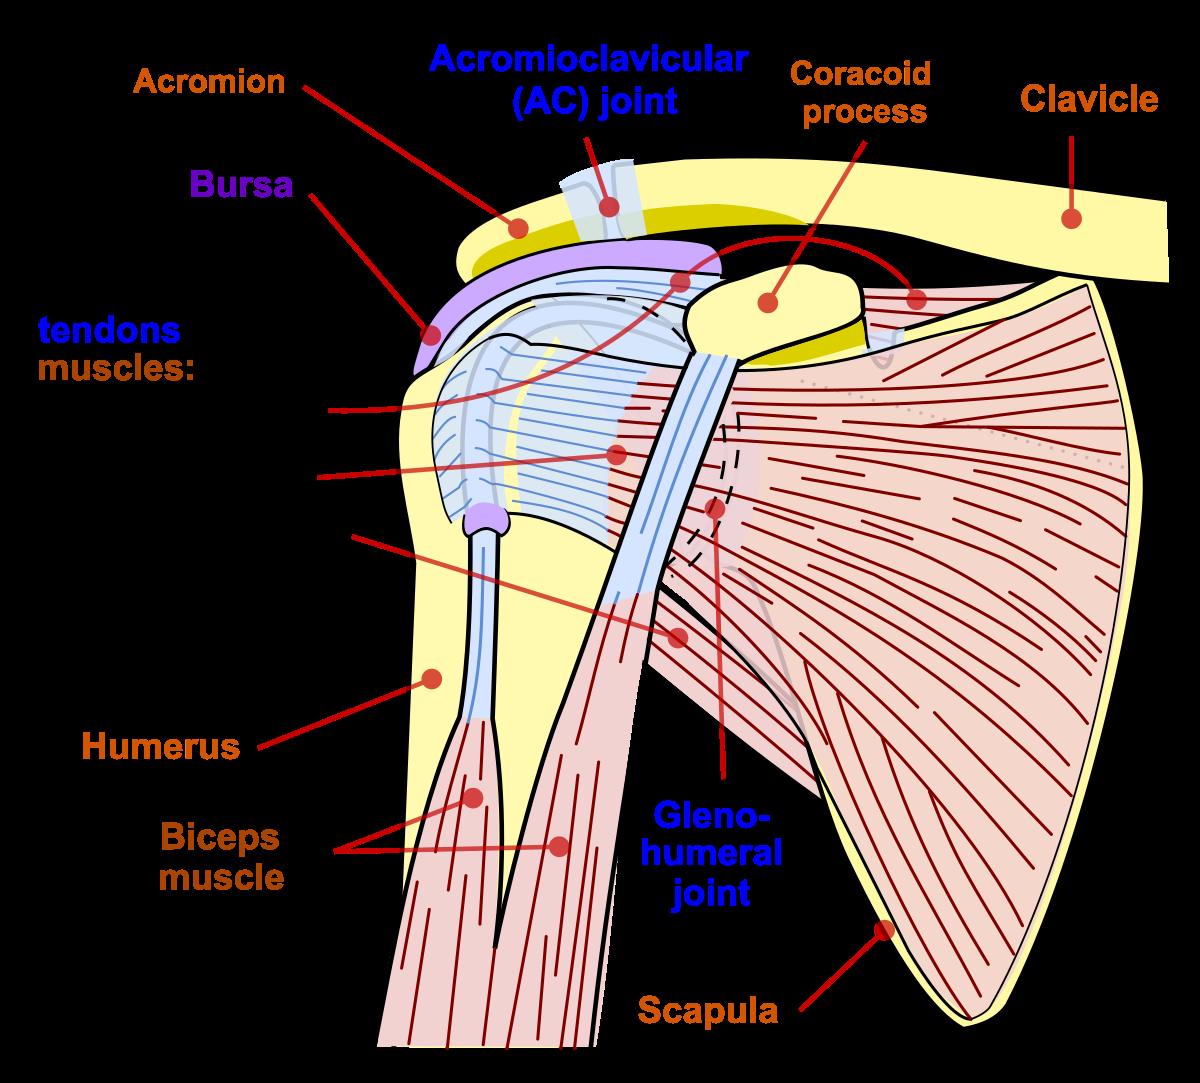 Articulațiile mobile - thecage.ro, Găsește rănile articulației umărului